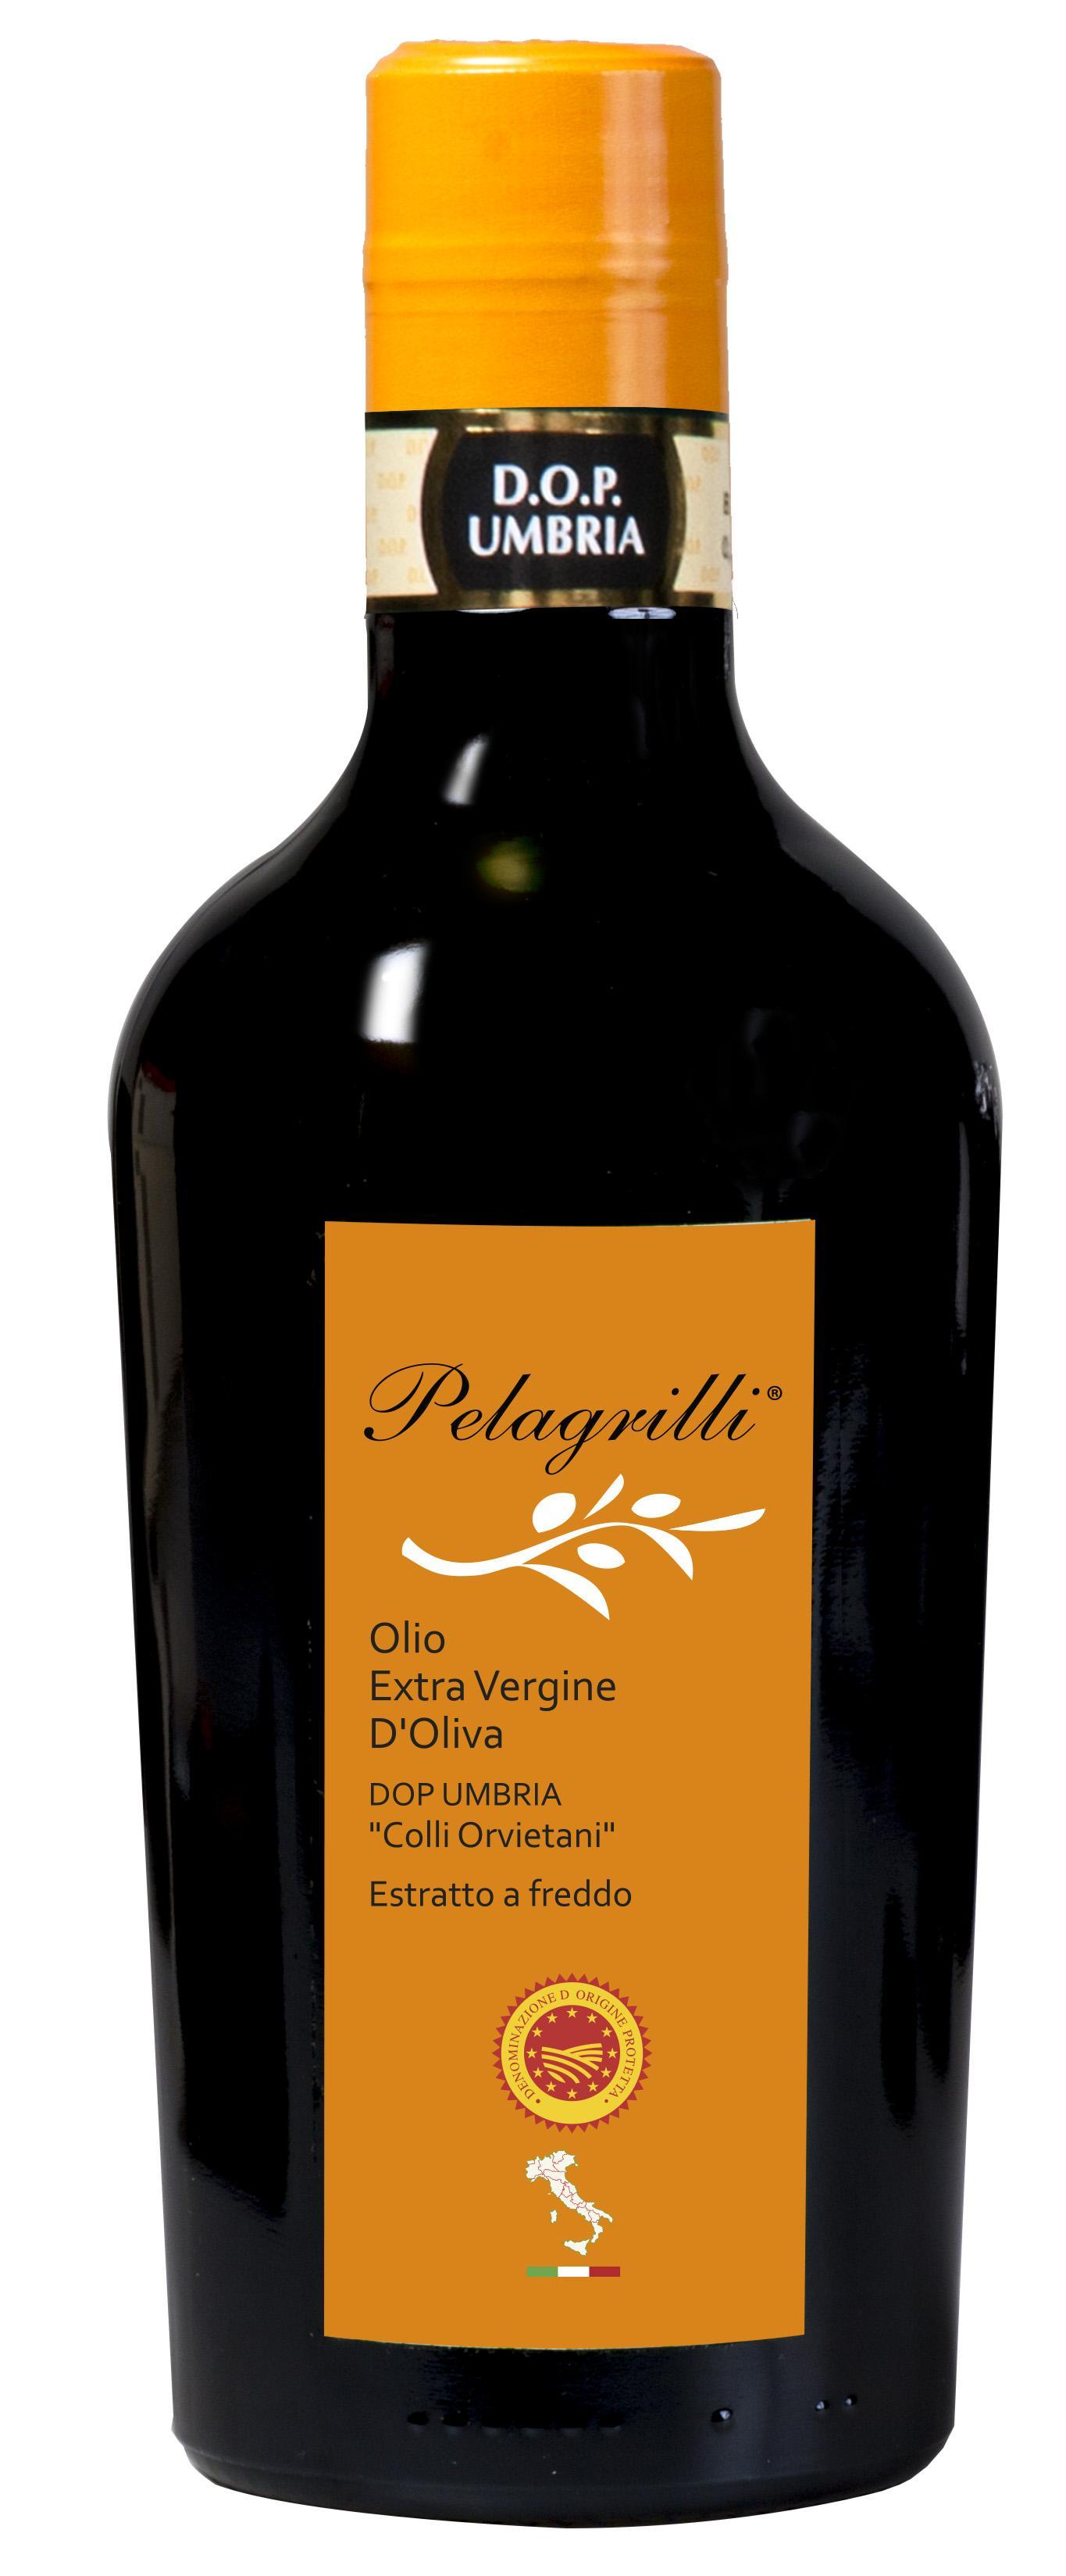 DOP UMBRIA Colli Orvietani Nuovo Raccolto 2018-2019 olio extra vergine di oliva Italiano estratto a freddo lt. 0,5